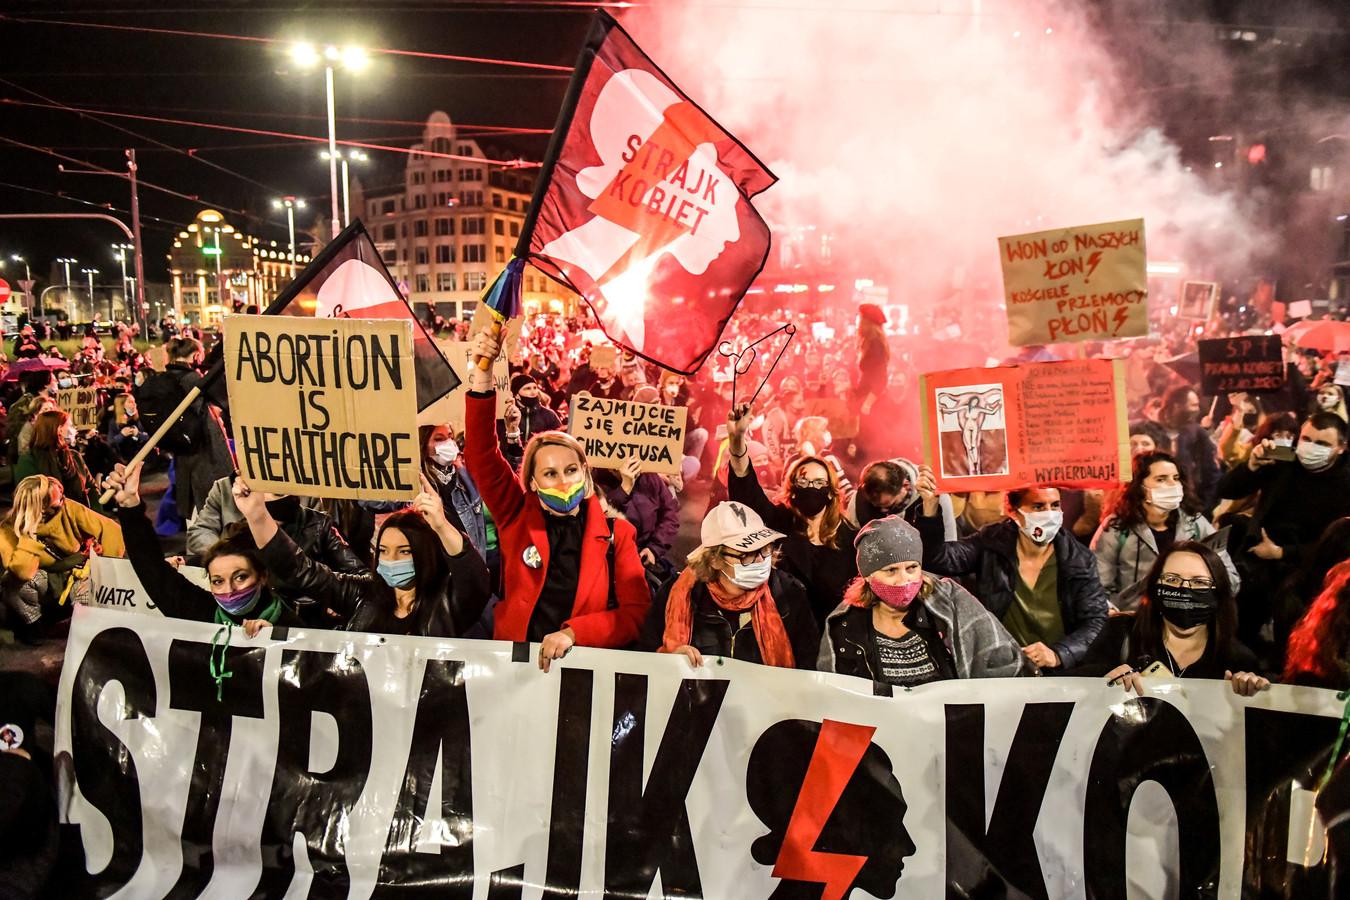 De Poolse regering heeft via het Constitutioneel Hof abortus zo goed als verboden. Mensen gingen massaal de straat op om tegen deze uitspraak te demonstreren.